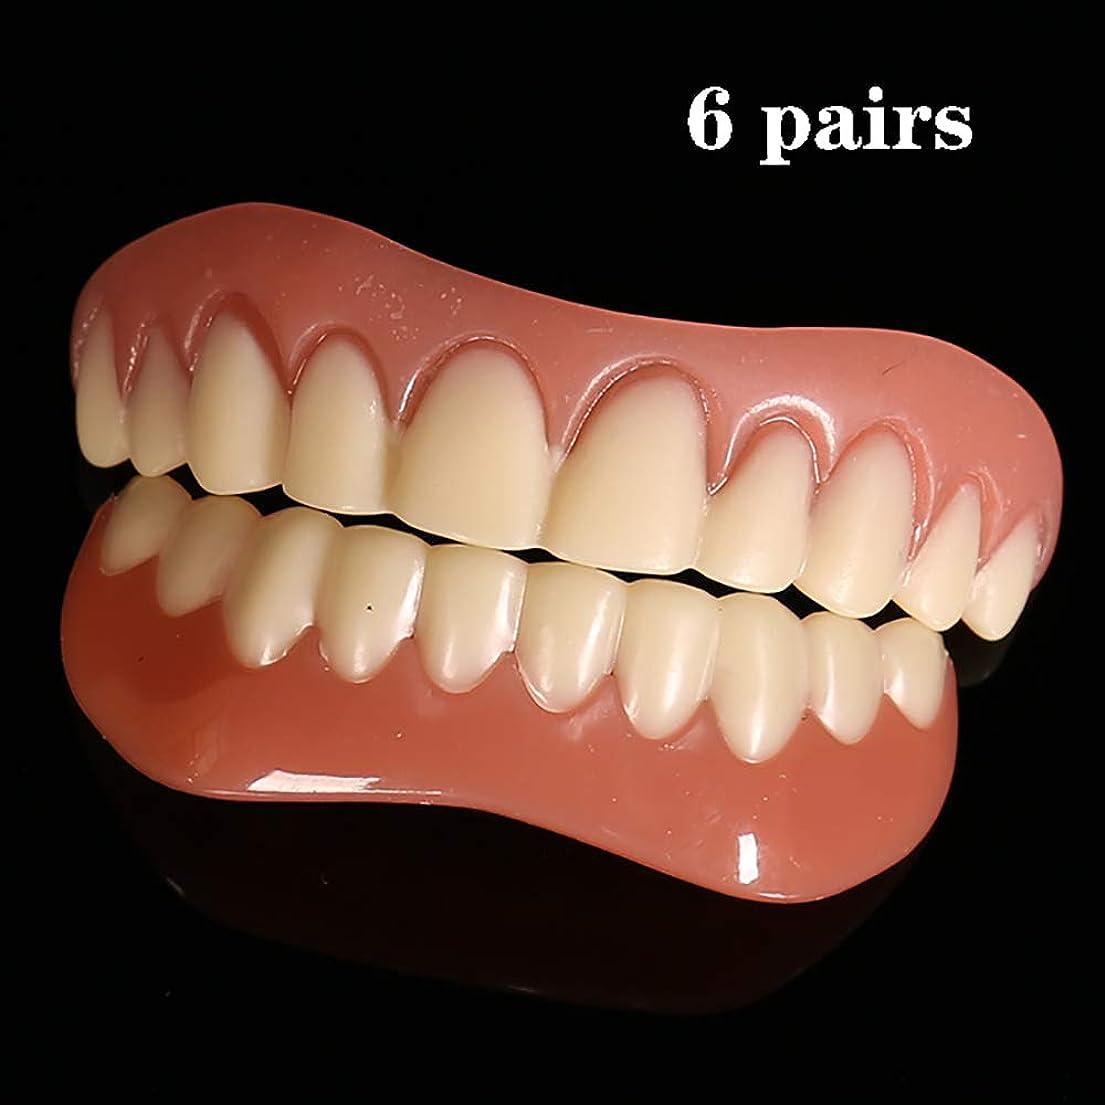 酸素キルト才能のある歯のベニヤ化粧品の歯スナップオンセキュア6ペア上下の快適さフィット歯のベニヤセキュアインスタントスマイル化粧品ワンサイズ全ての義歯ケアツールにフィット